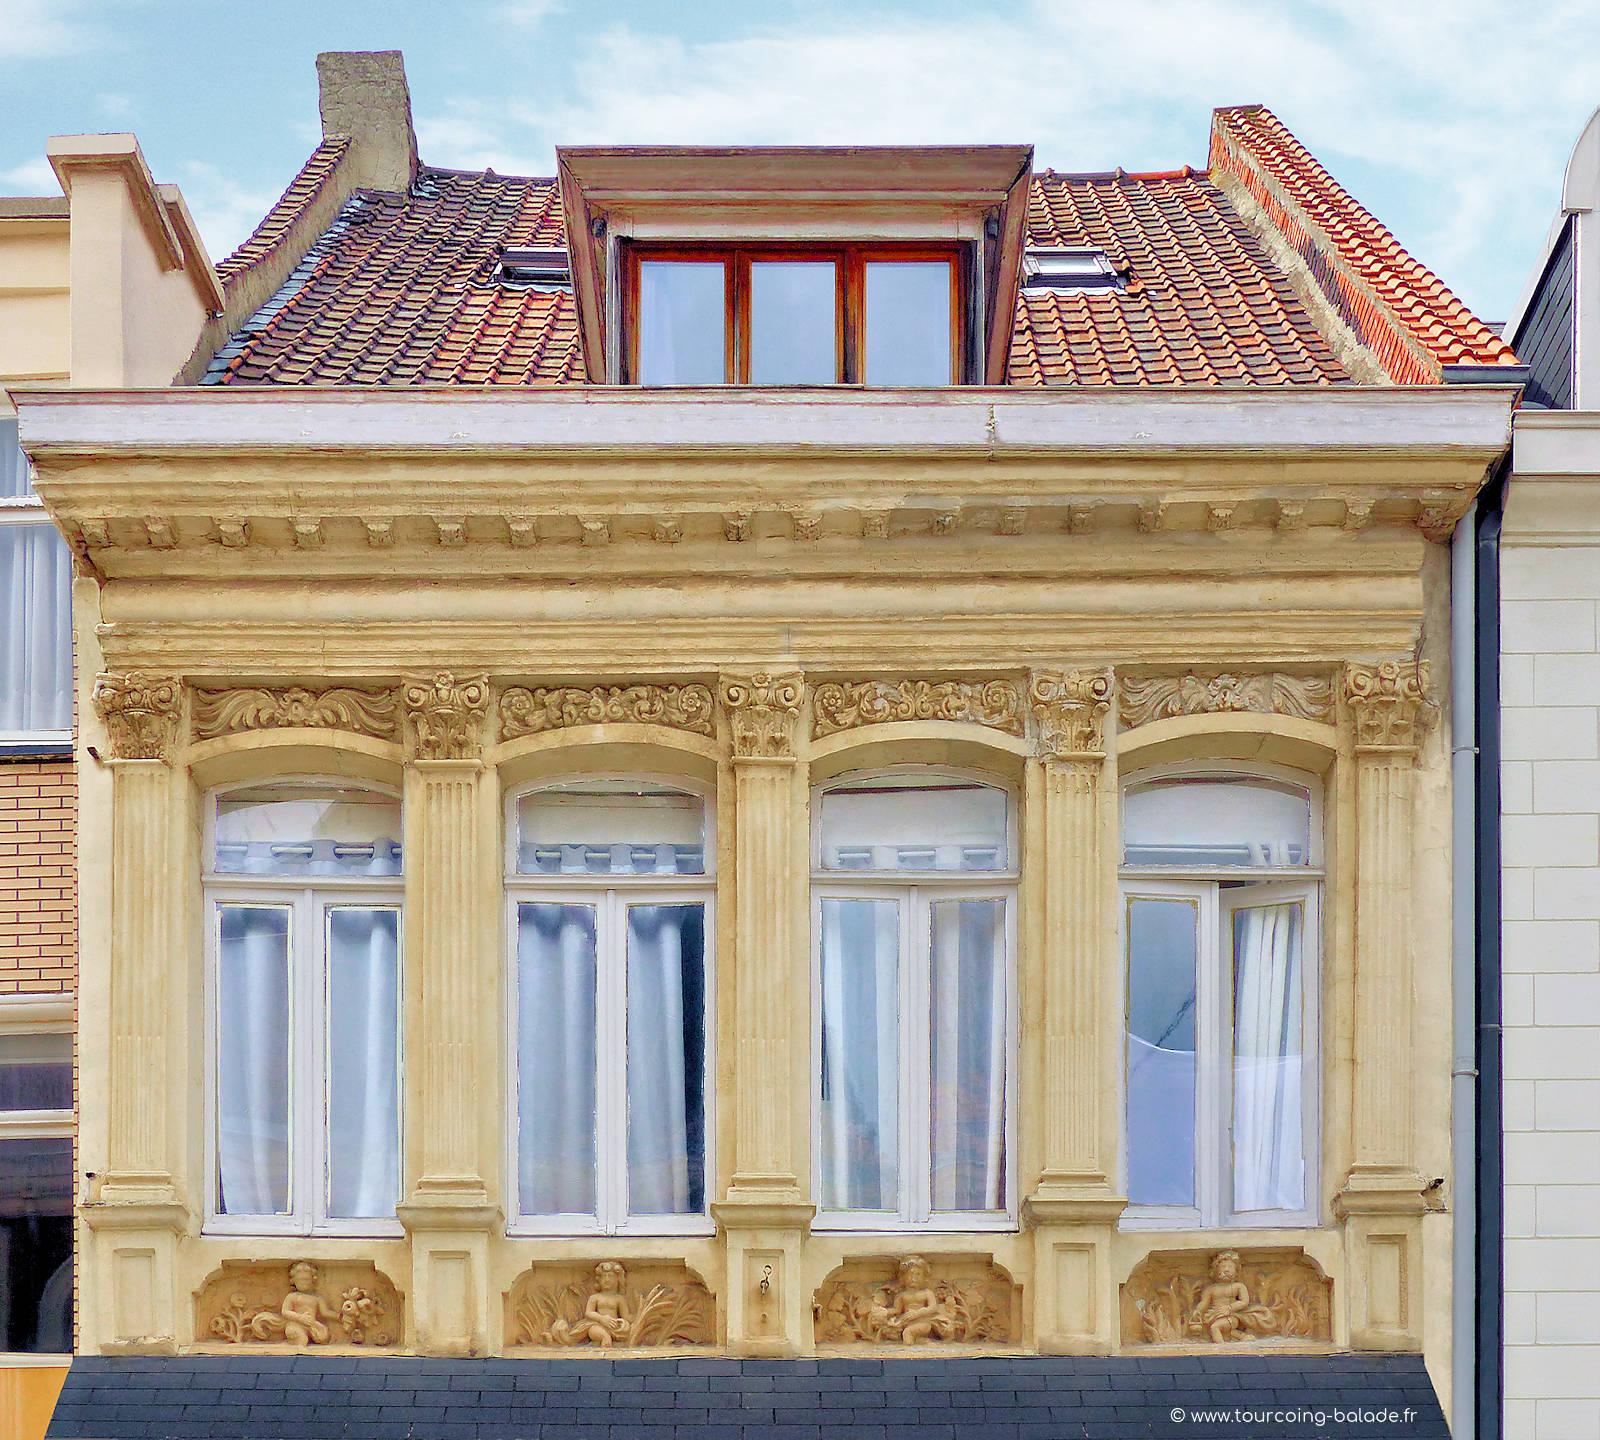 Tourcoing Grand Place - Maison dite des 4 saisons.